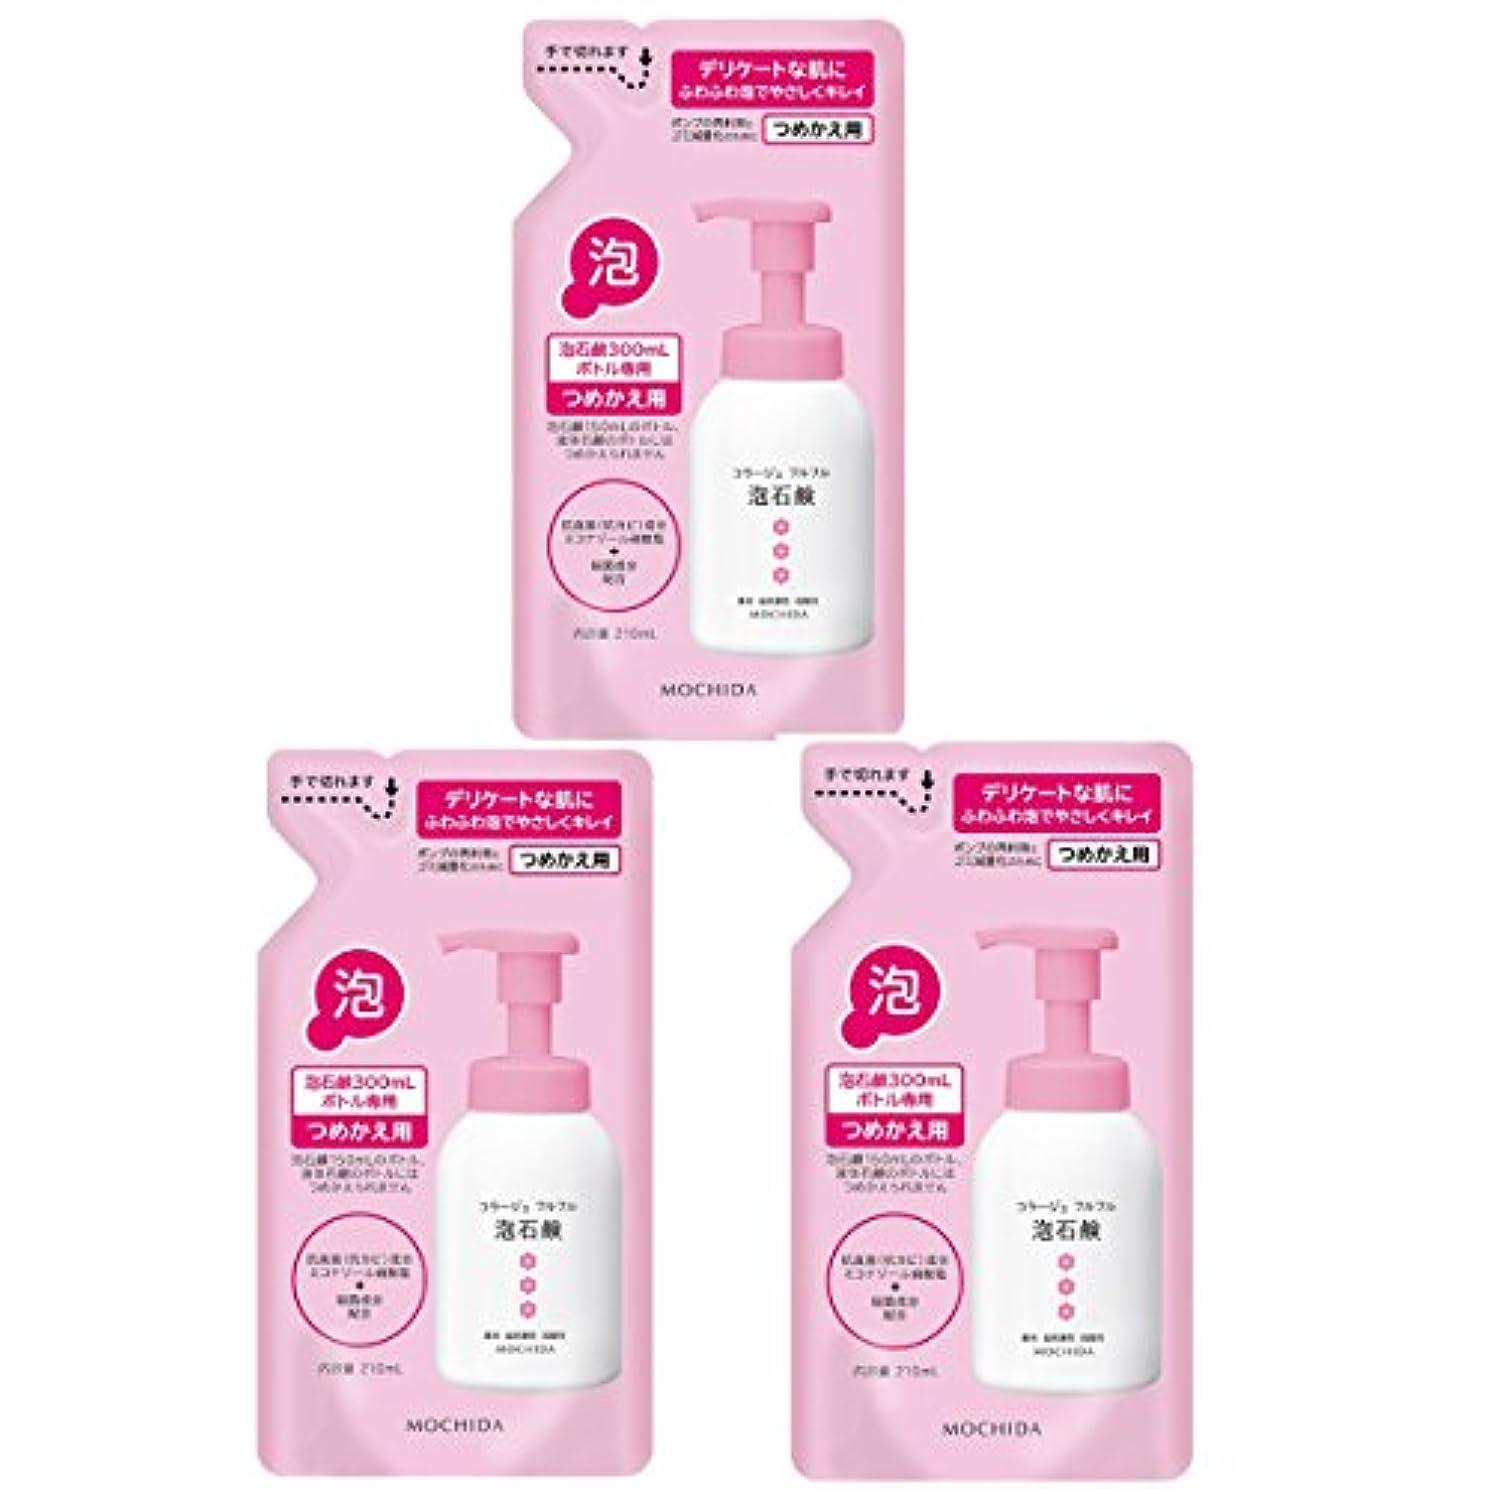 オペレーター程度クラウドコラージュフルフル 泡石鹸 ピンク つめかえ用 210mL (医薬部外品)×3